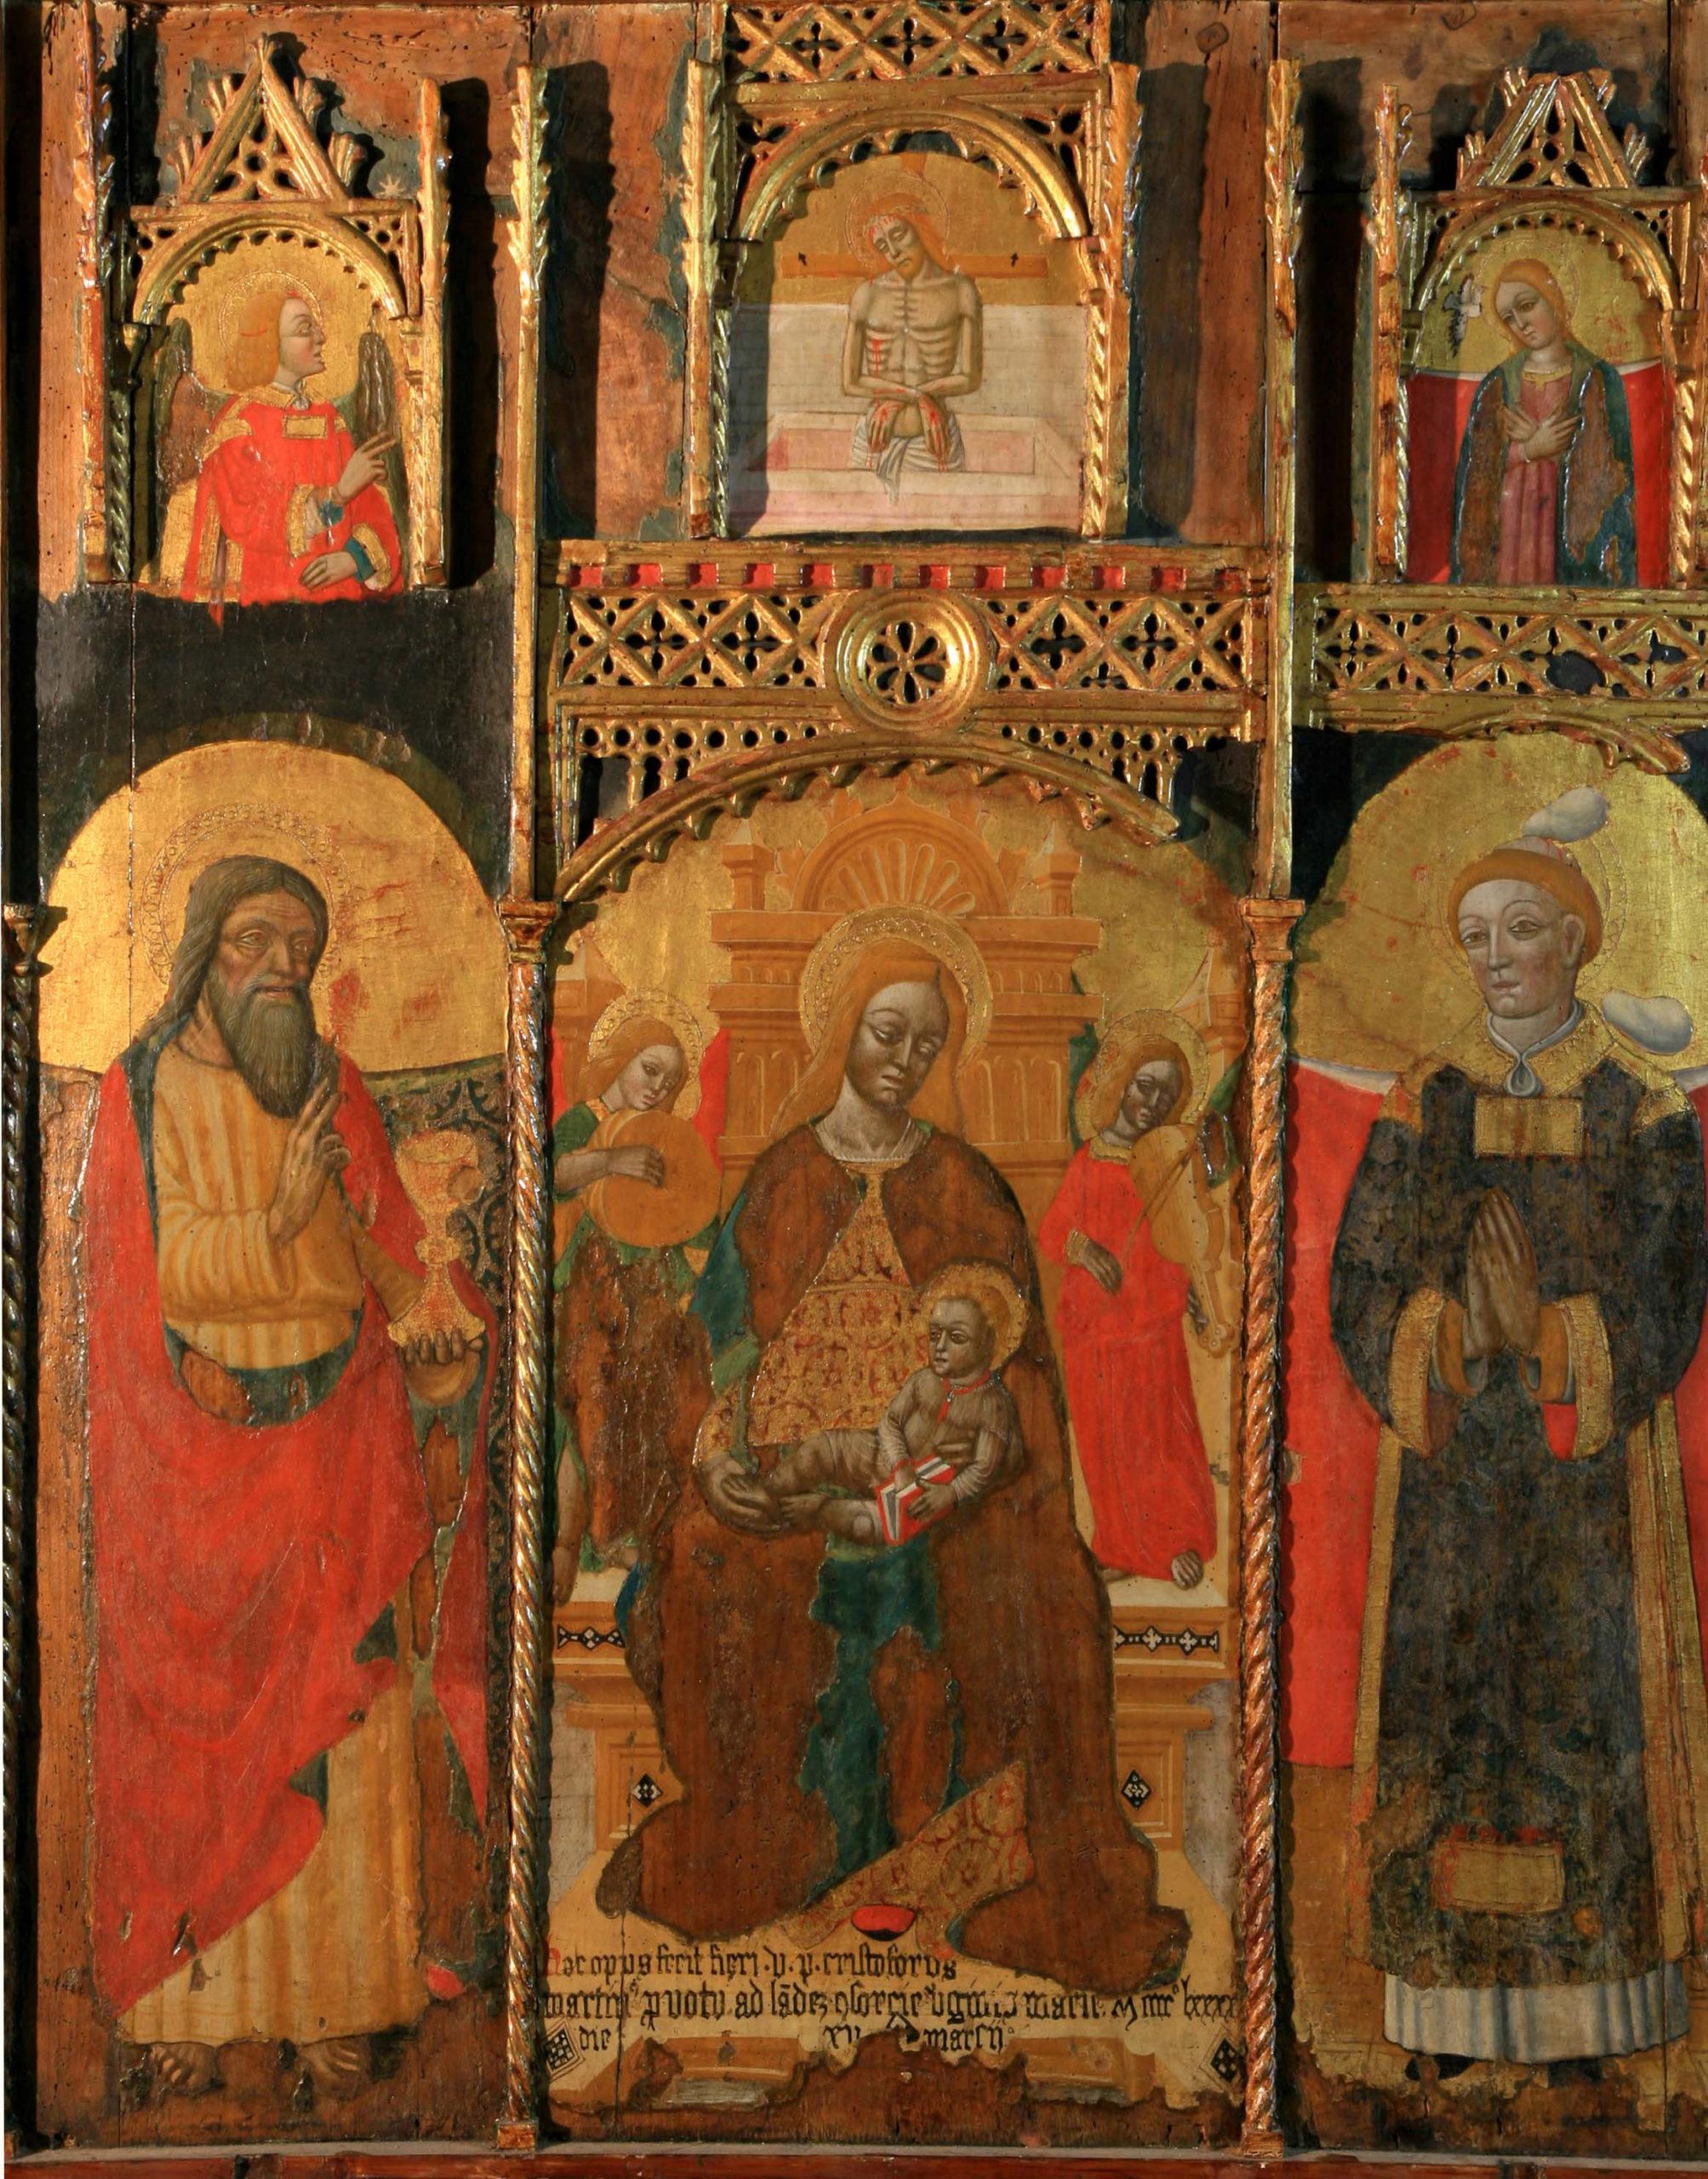 Pietro Guidi, Madonna con Bambino fra San Giovanni Evangelista e Santo Stefano, seconda metà del XV secolo, tempera su tavola di pioppo - Genova, Museo Sant'Agostino